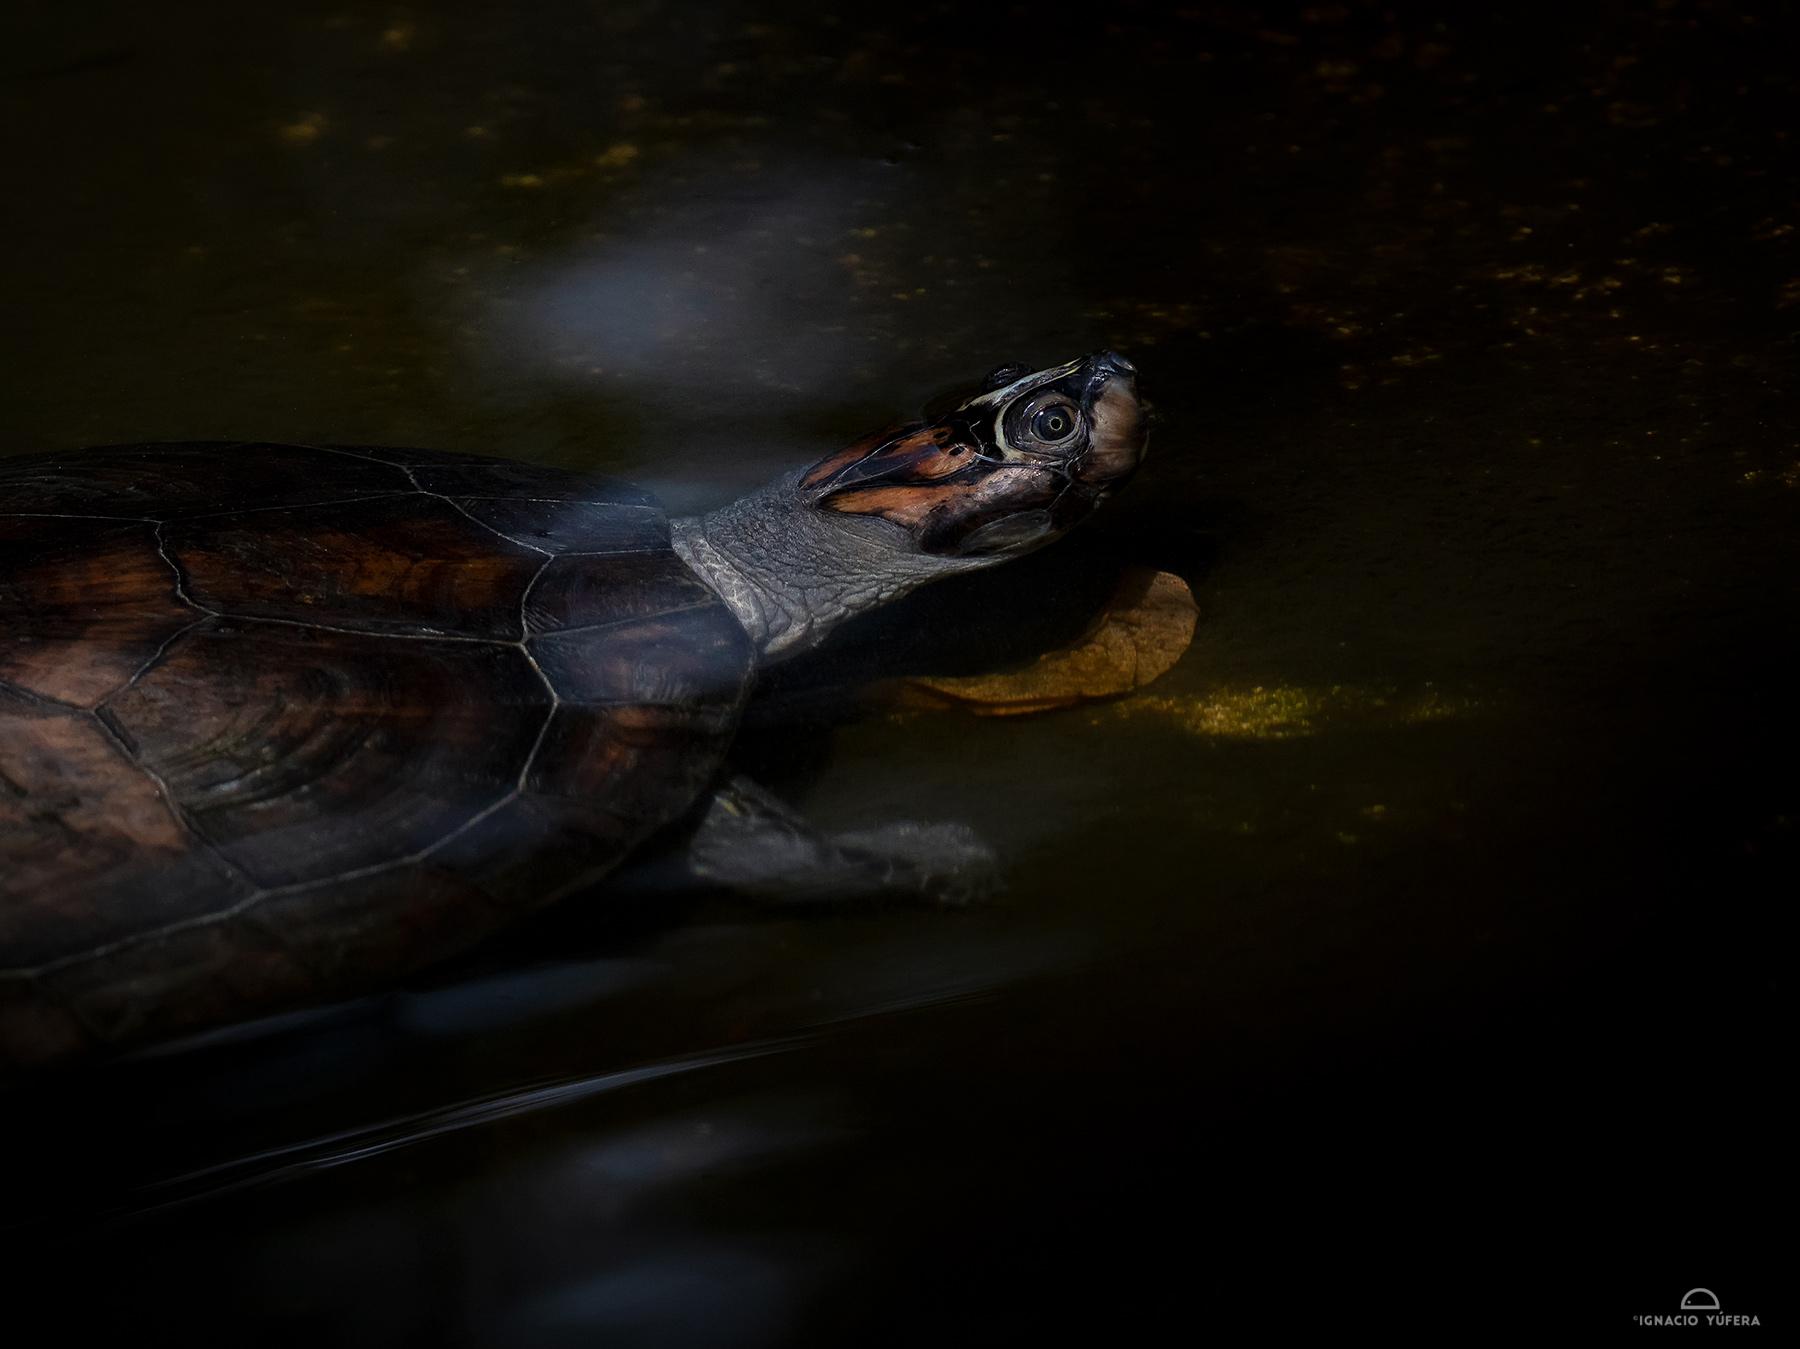 Arrau turtle (Podocnemys expansa), semi-adult, Amazonas, Brazil